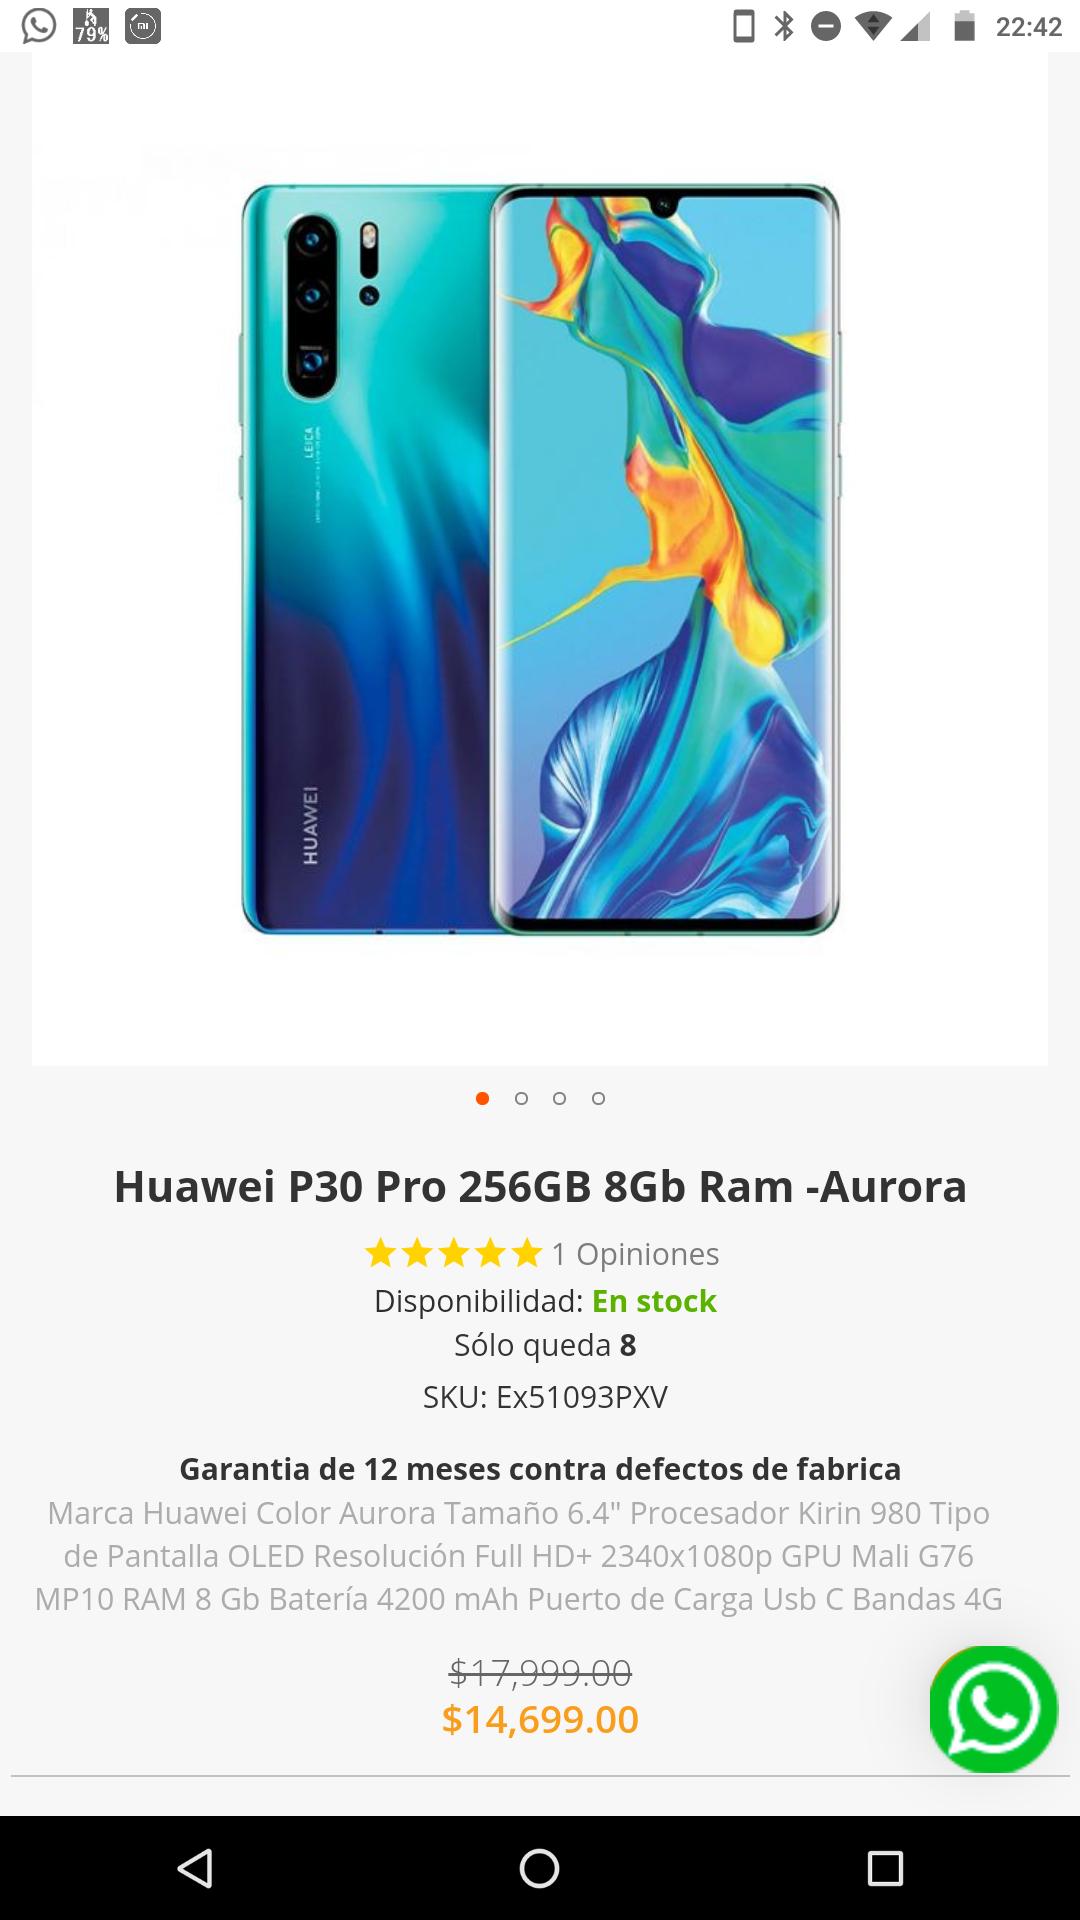 Doto: Huawei P30 Pro